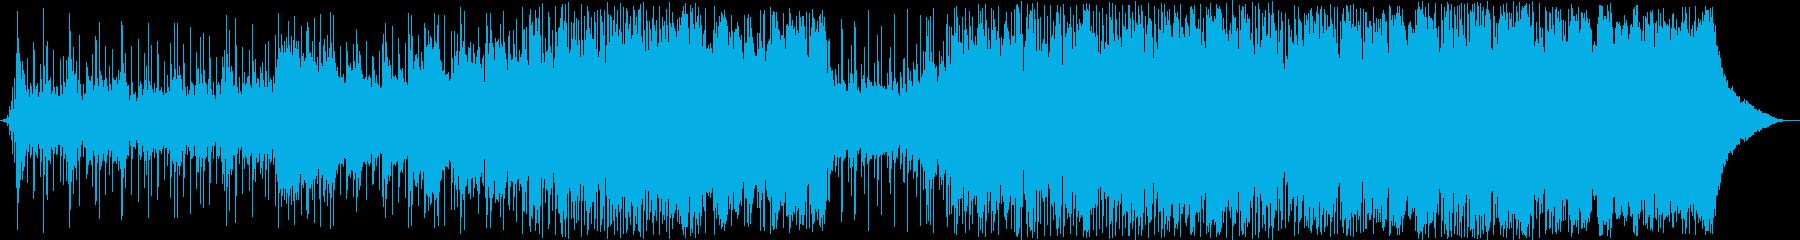 フォークアメリカーナ研究所さわやか...の再生済みの波形